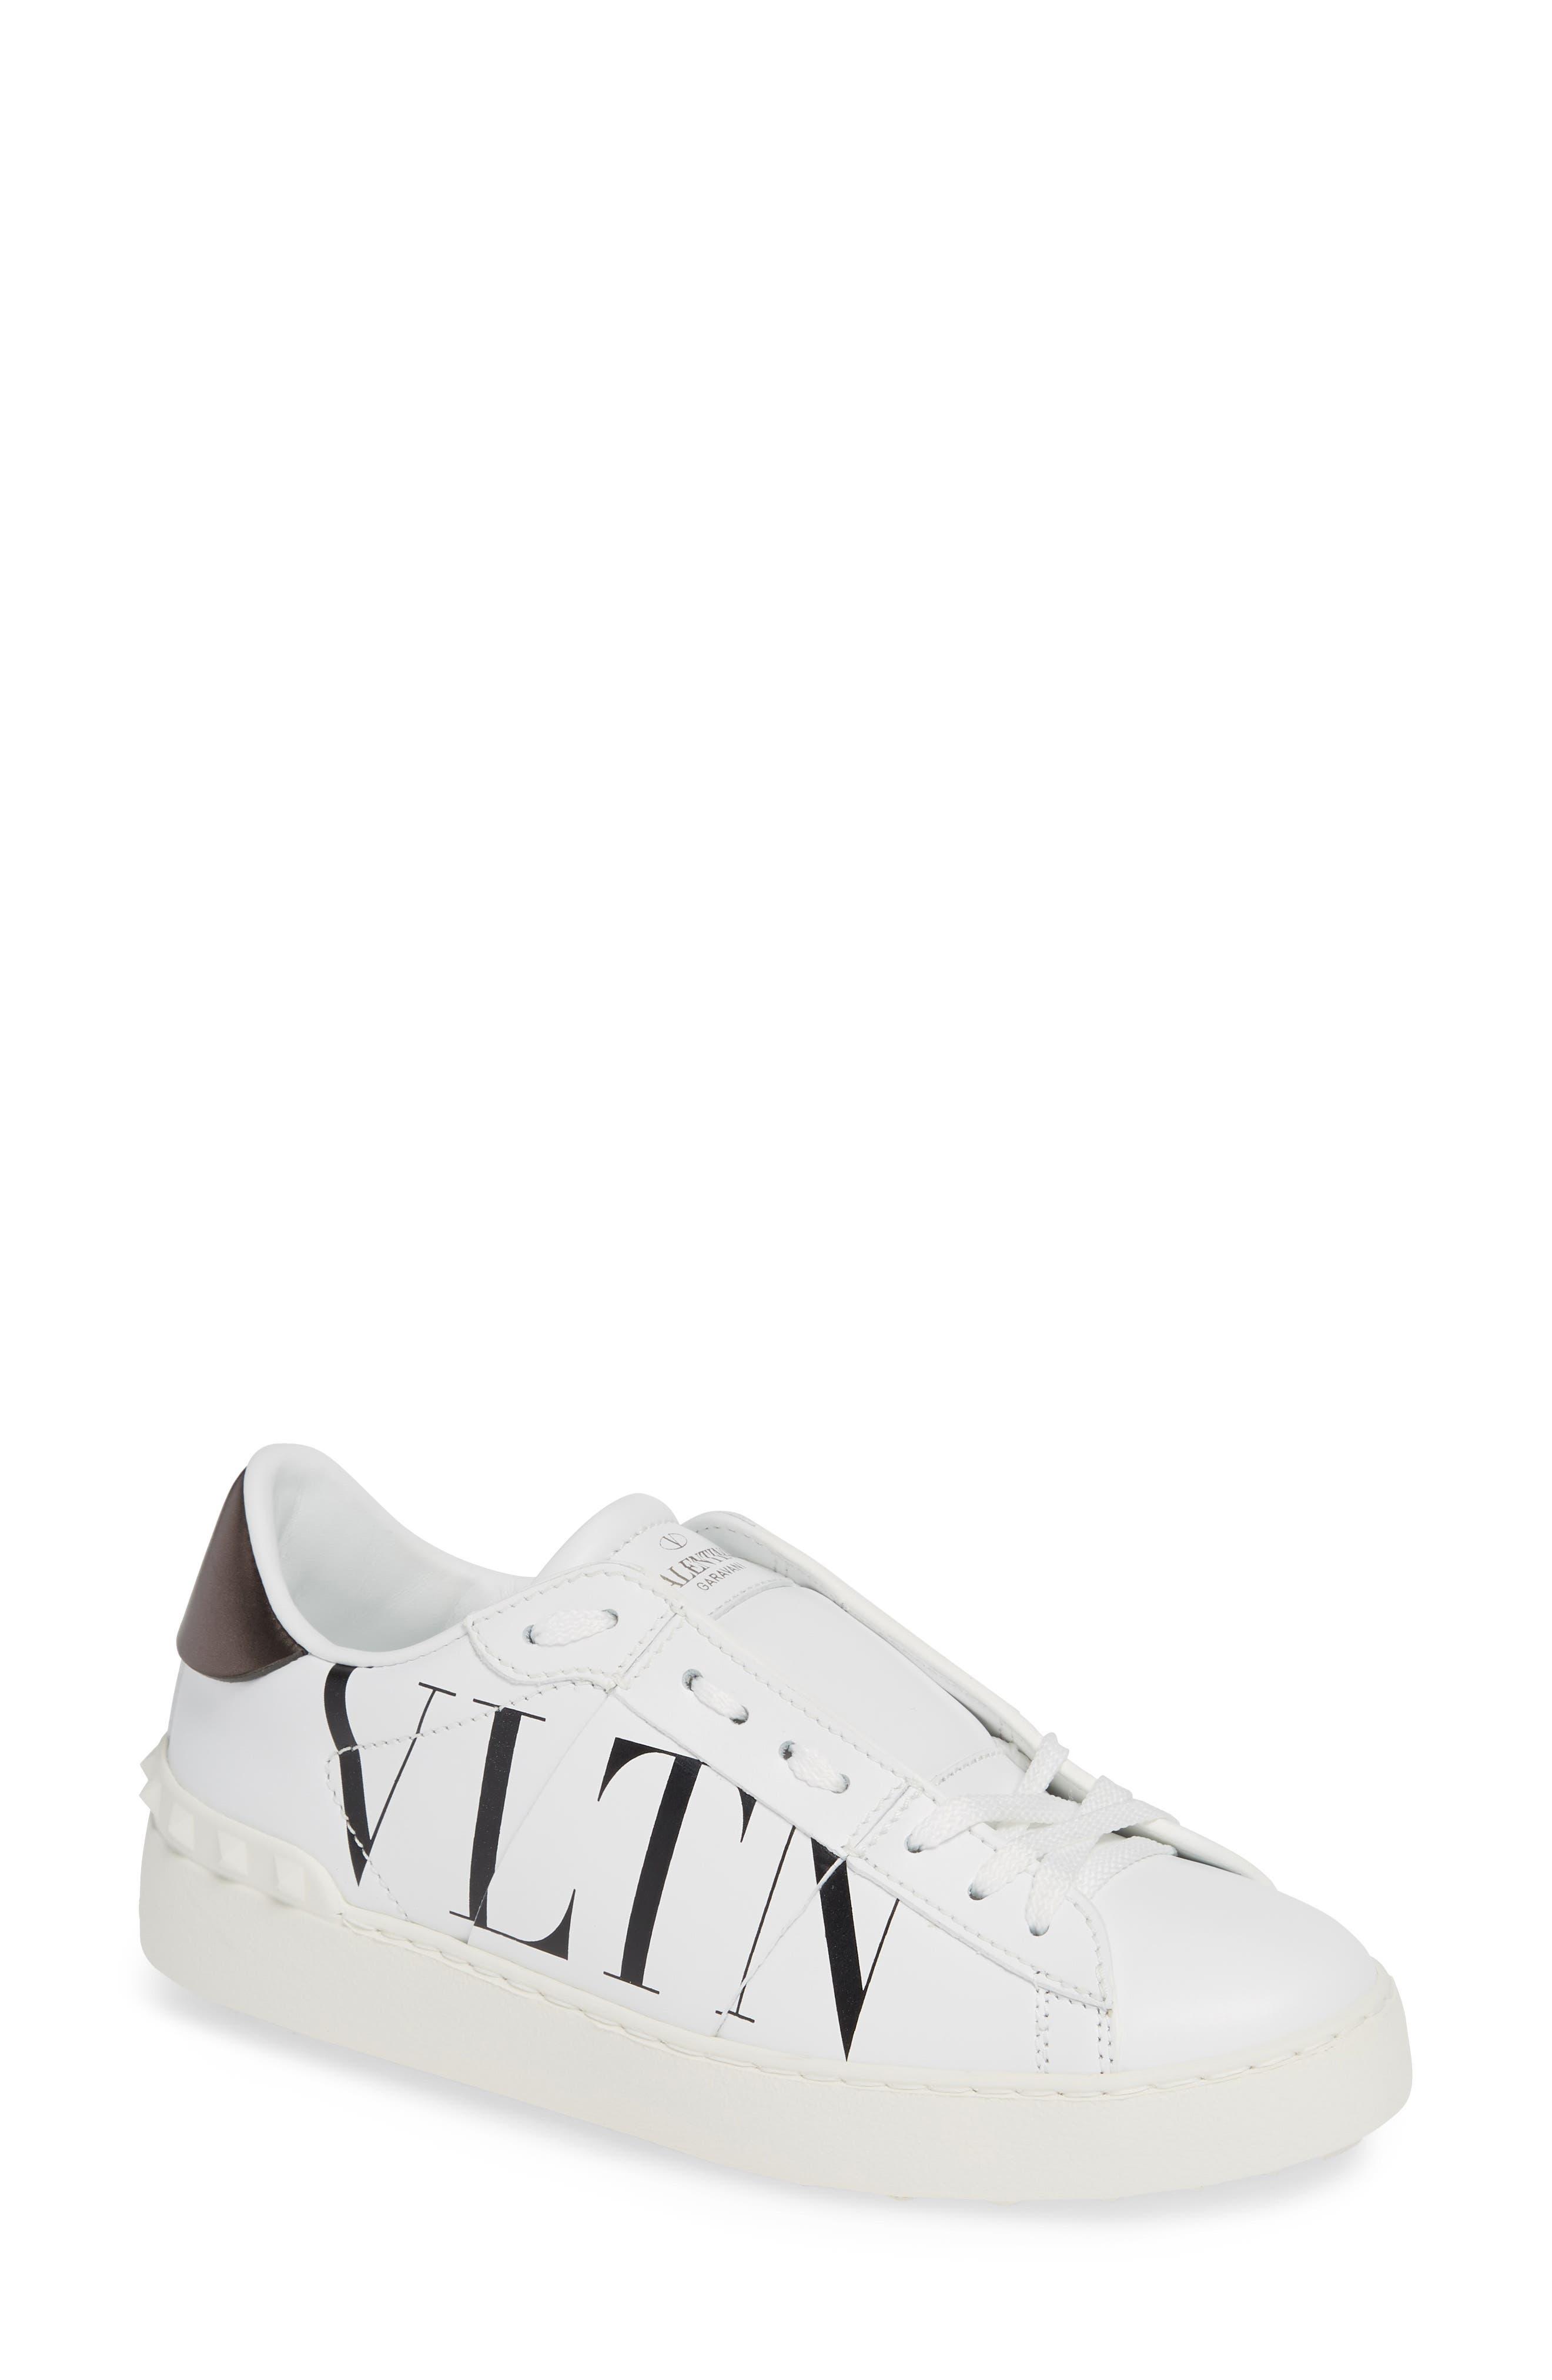 VALENTINO GARAVANI VLTN Logo Low Top Sneaker, Main, color, 102